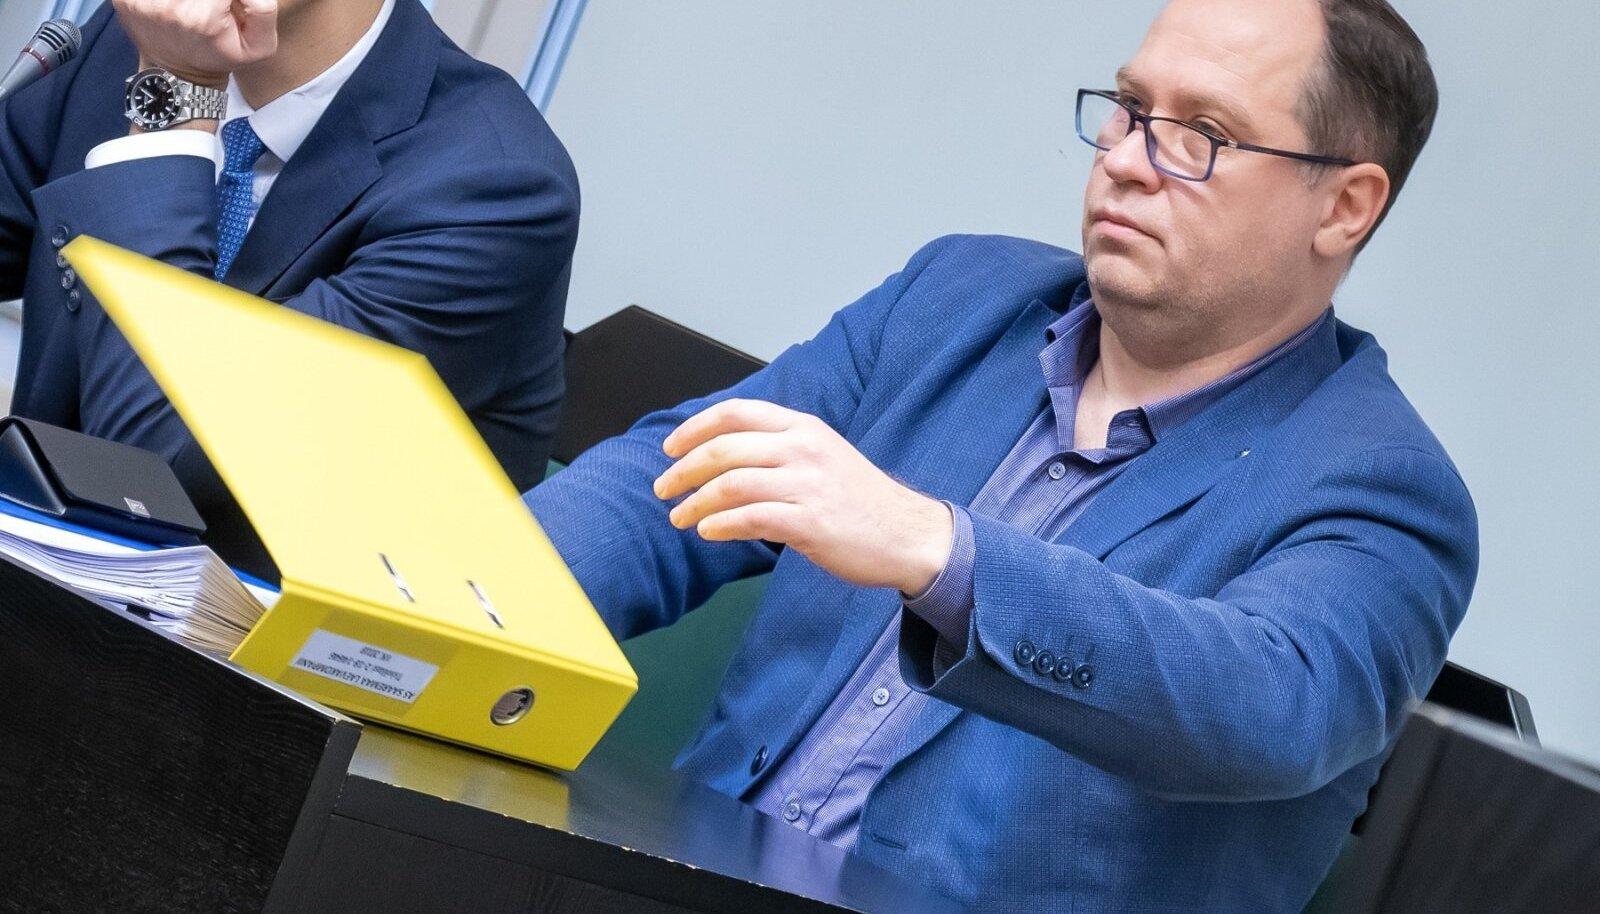 JAMAS PANKROTIHALDUR: riigiprokuratuur kahtlustab Vjatšeslav Leedot altkäemaksu lubamisespankrotihaldur Veli Kraavile (pildil). Jutt käib 30 000 eurost.